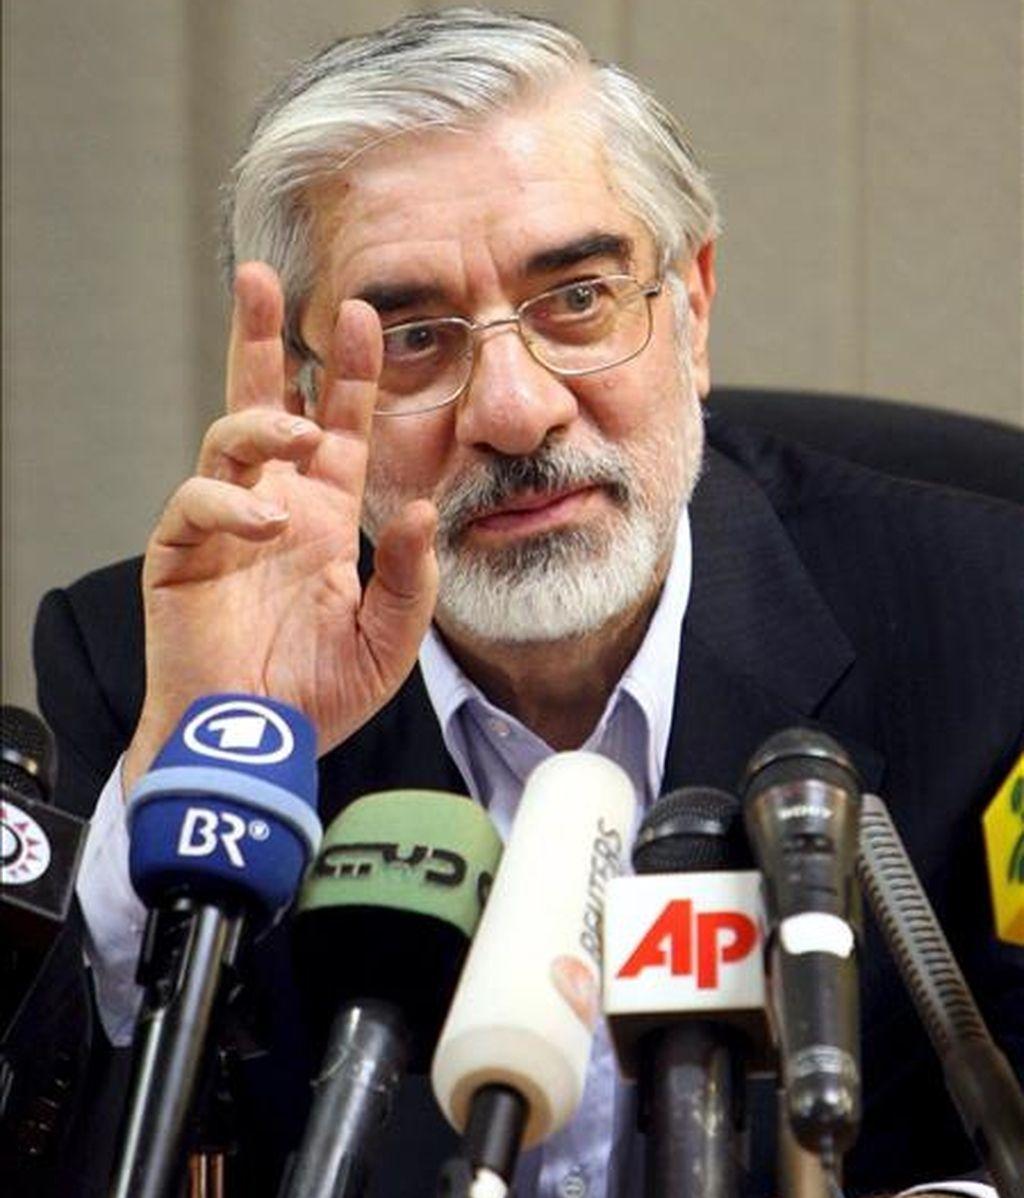 El principal candidato derrotado en las elecciones presidenciales iraníes, Mir Husein Musavi. EFE/Archivo